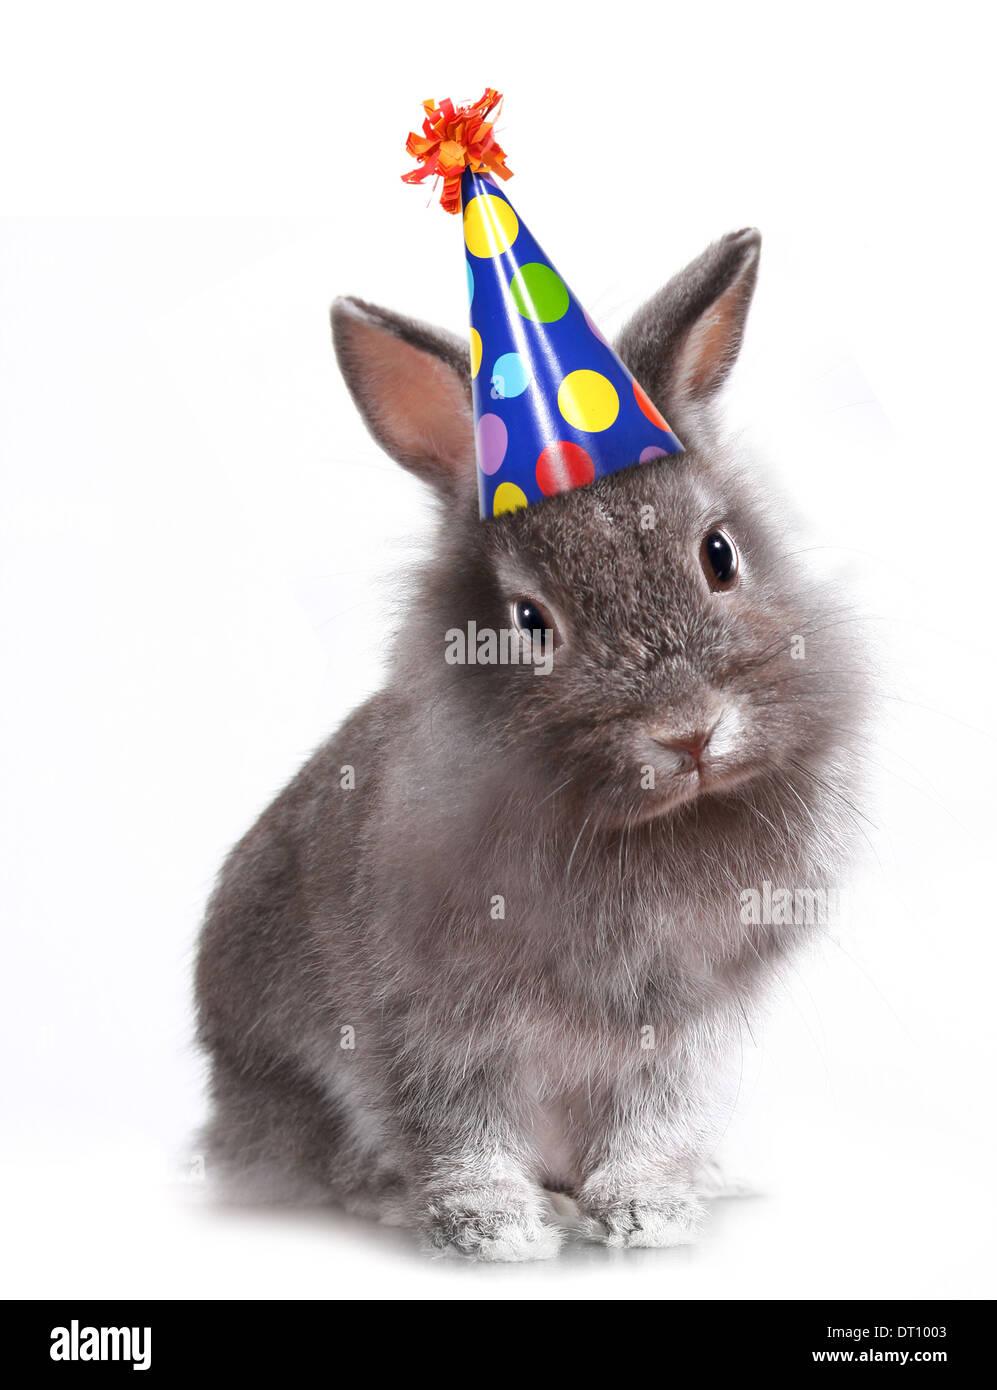 Lustiges Bild Ein Hase Einen Geburtstag Hut Stockfoto Bild